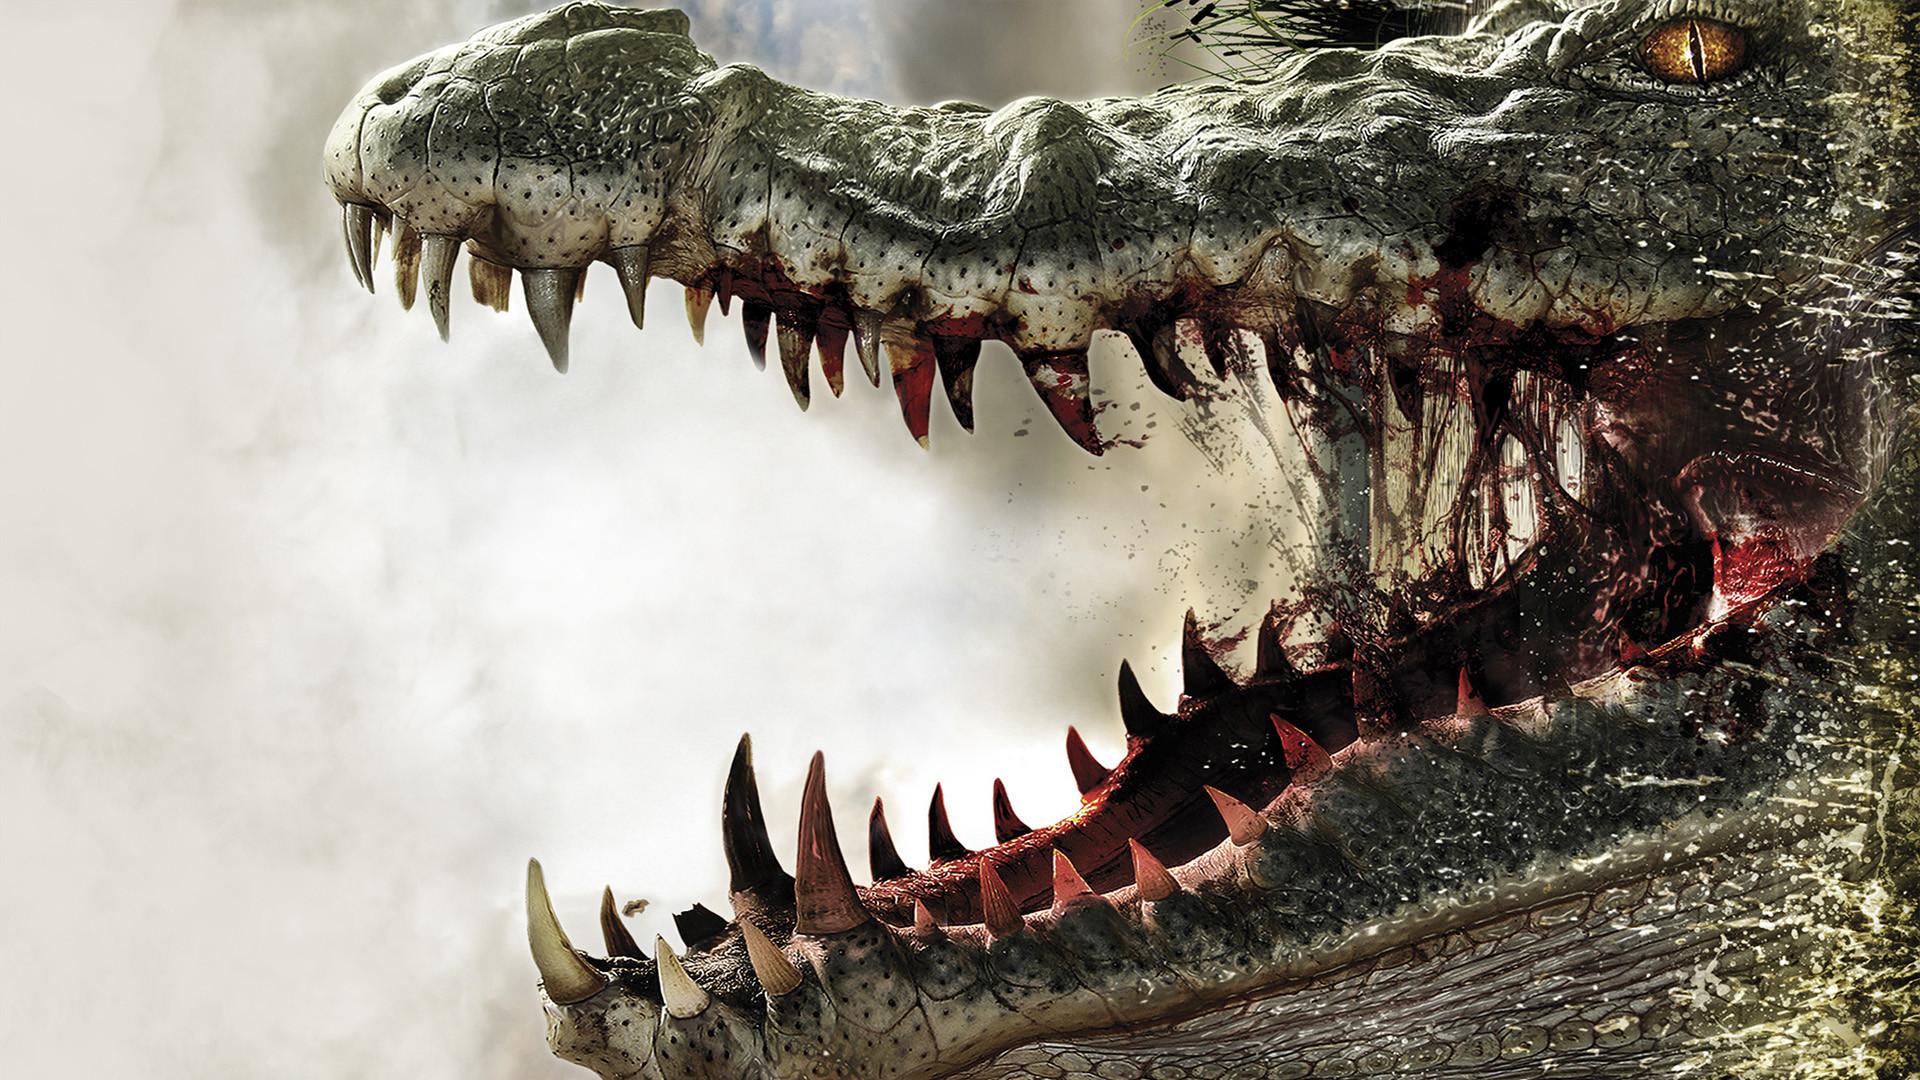 крокодил перед охотой загрузить